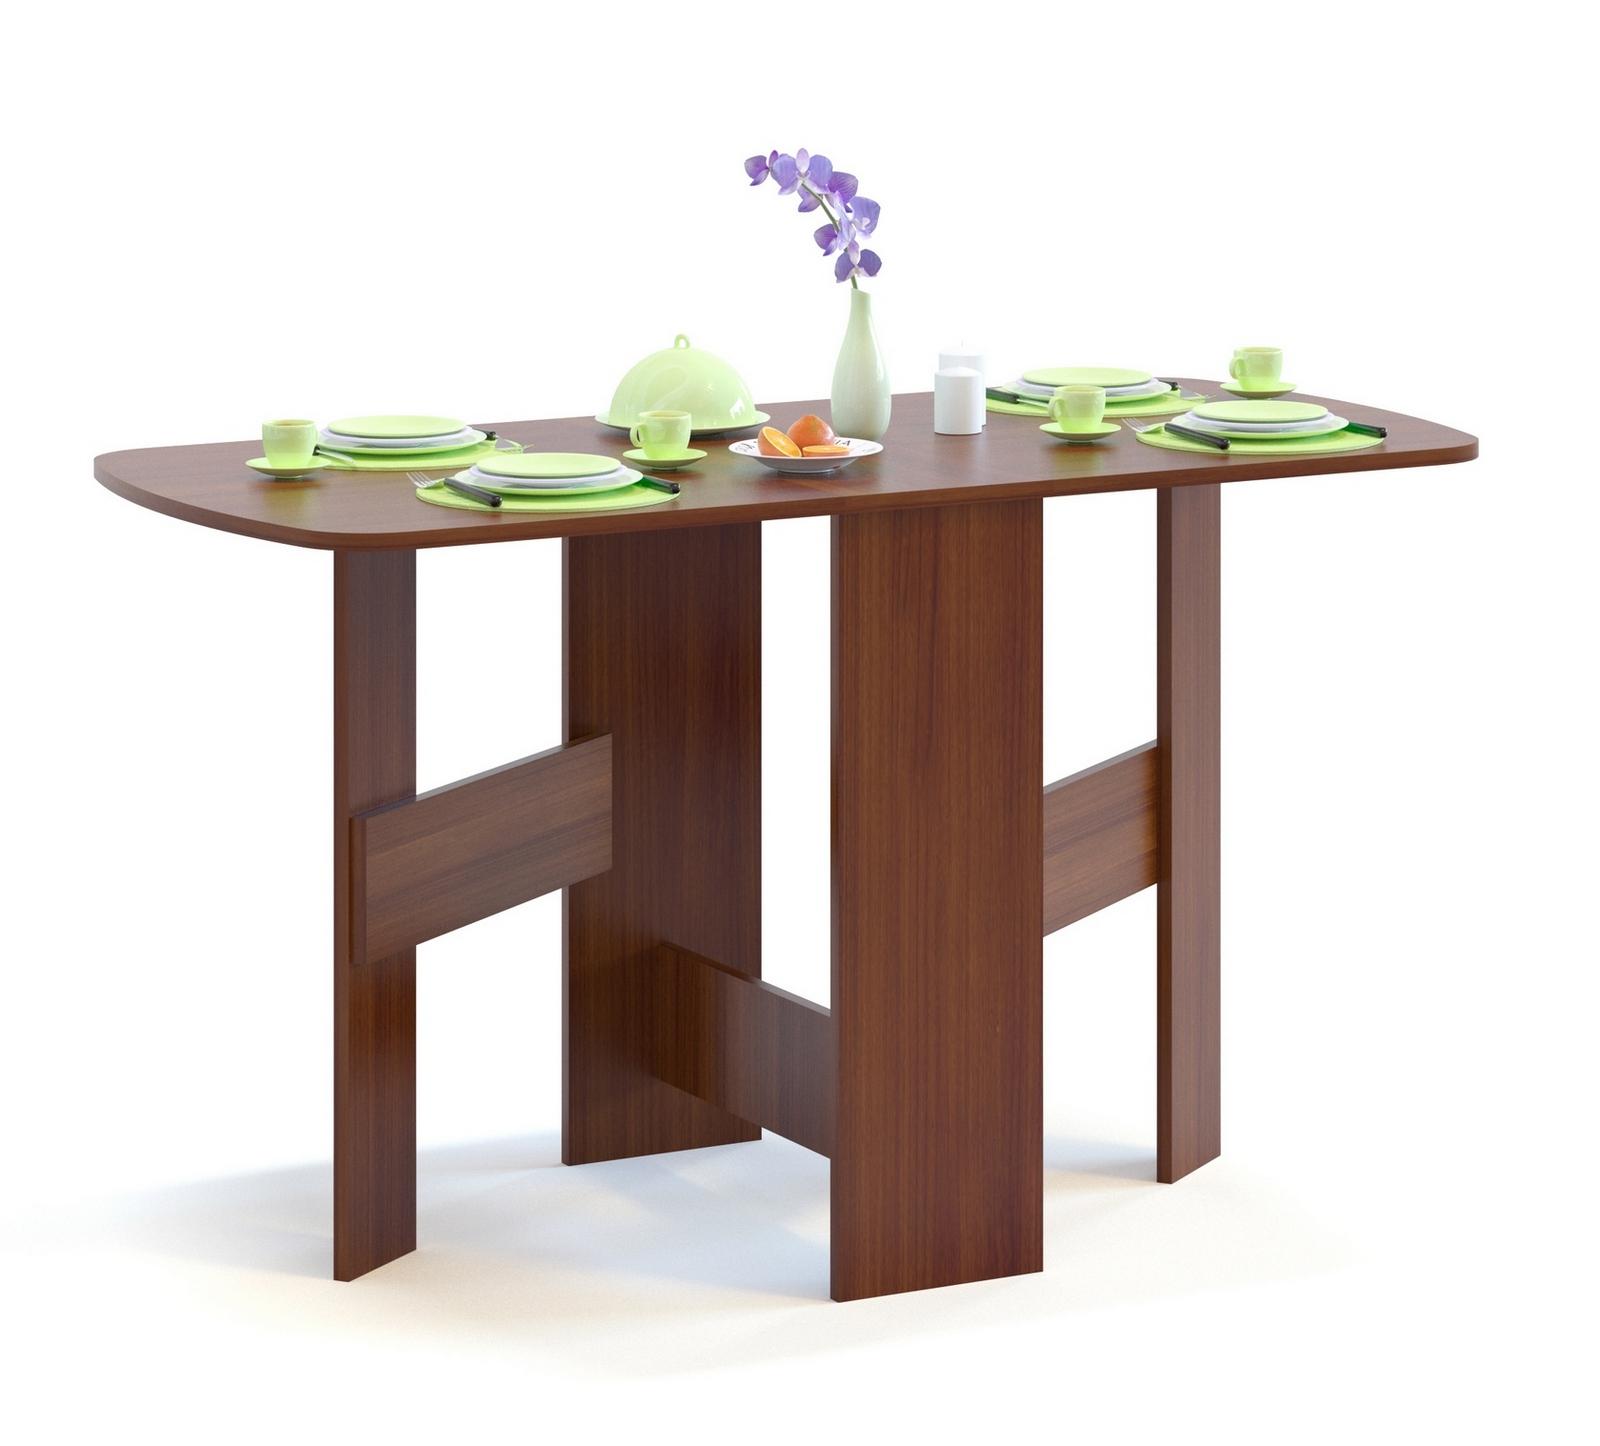 Стол-книжка Сокол СП-10.1 Испанский орехСтолы-книжки<br>Габаритные размеры ВхШхГ 734x260 / 1300x600 мм. Компактный стол-книжка прекрасно подойдет для малогабаритной квартиры.  В сложенном состоянии ширина стола всего 26 см.  В разложенном виде стол превращается в полноценный обеденный стол.  Также вы можете разложить стол только наполовину.  Изделие выполнено из ЛДСП.  Рекомендуем сохранить инструкцию по сборке (паспорт изделия) до истечения гарантийного срока.<br><br>Цвет: Испанский орех<br>Цвет: Красное дерево<br>Высота мм: 734<br>Ширина мм: 260 / 1300<br>Глубина мм: 600<br>Кол-во упаковок: 1<br>Форма поставки: В разобранном виде<br>Срок гарантии: 2 года<br>Тип: Раскладные, Трансформер<br>Материал: Деревянные, из ЛДСП<br>Форма: Прямоугольные<br>Размер: Маленькие, Узкие